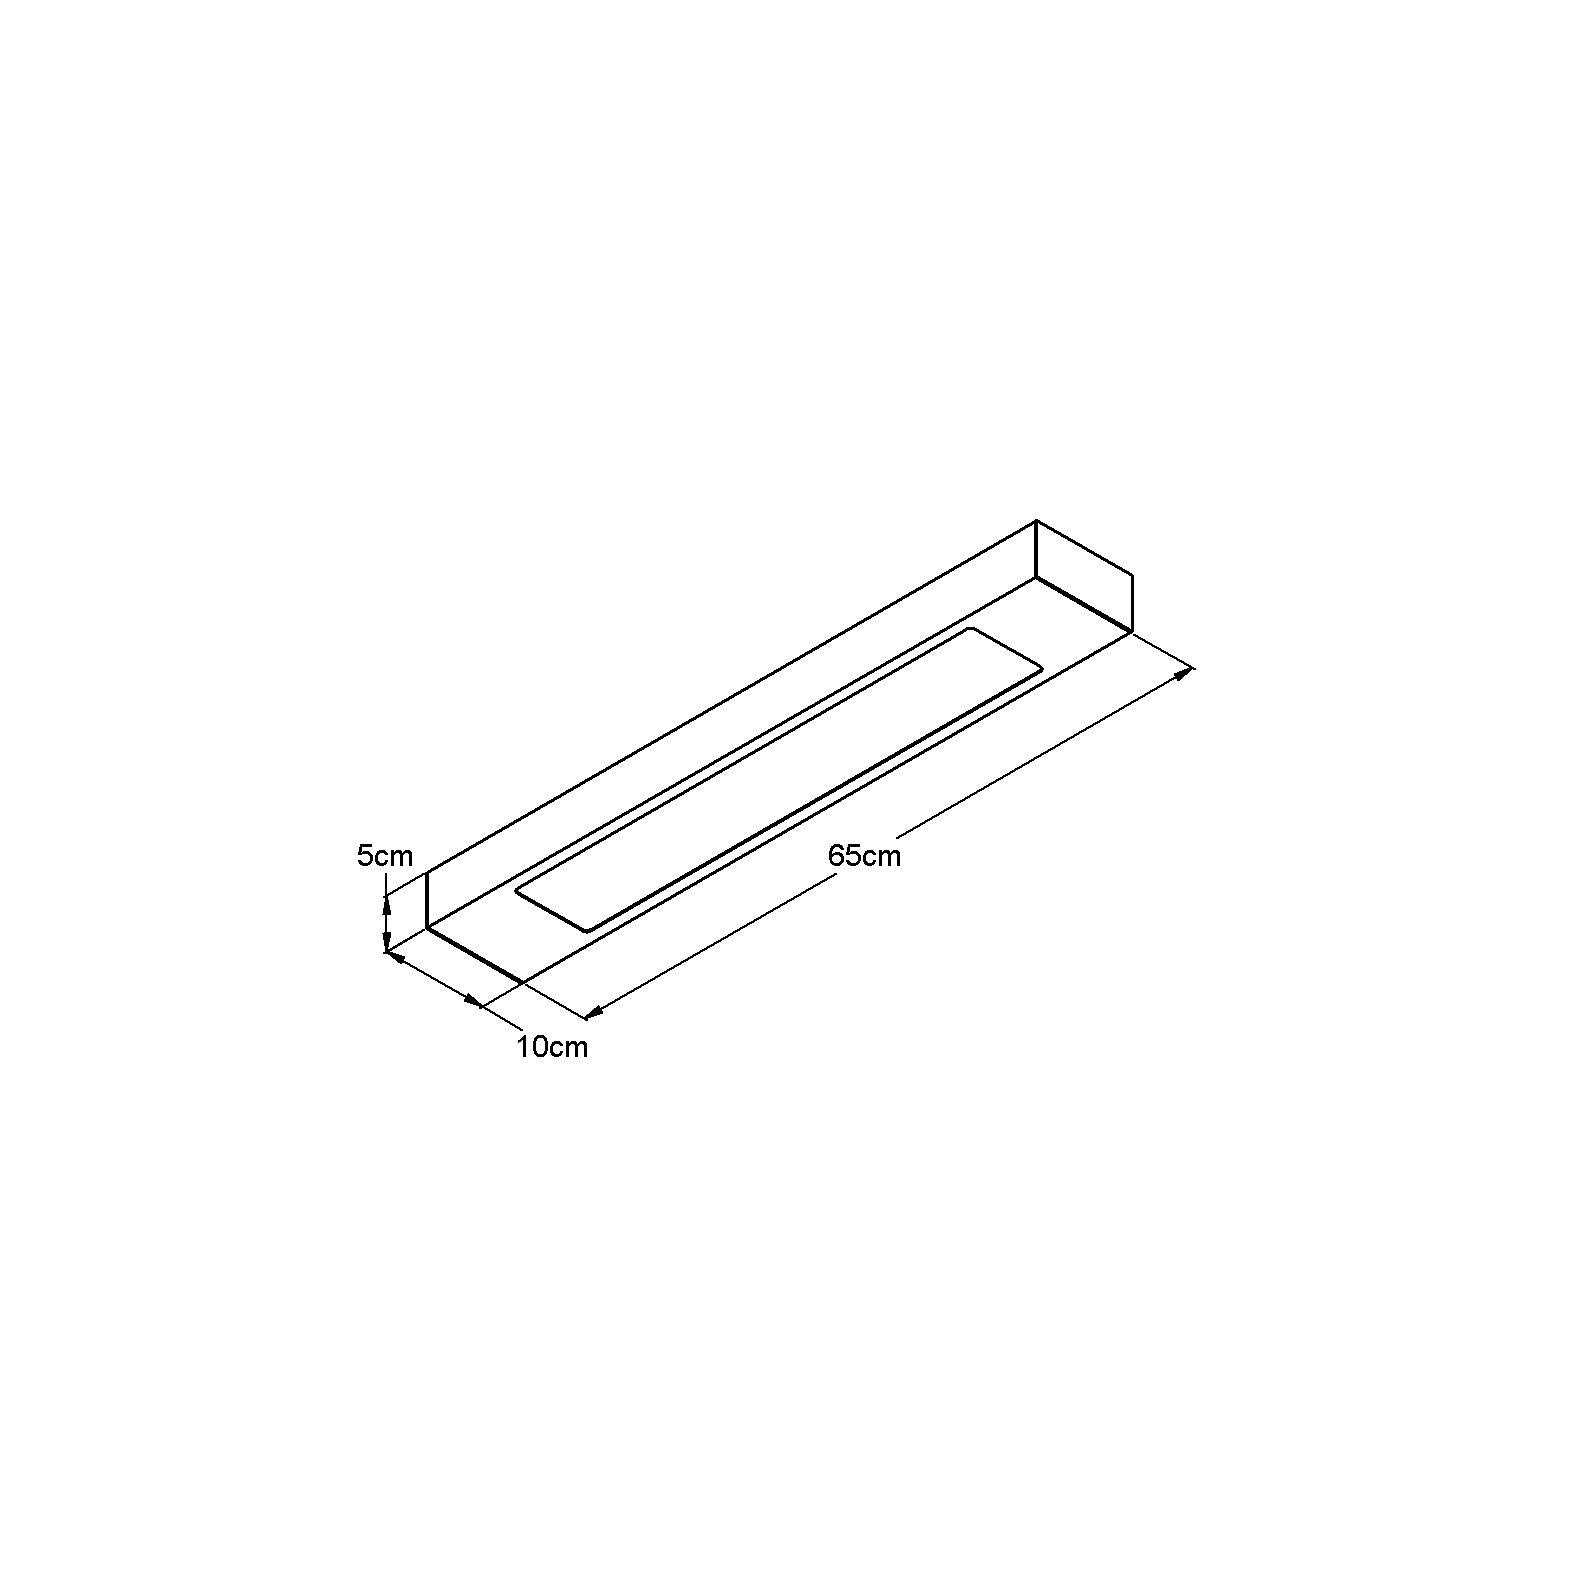 Luminária Plafon Retangular 2 Lâmp. 65cm Alumínio Preto Arky